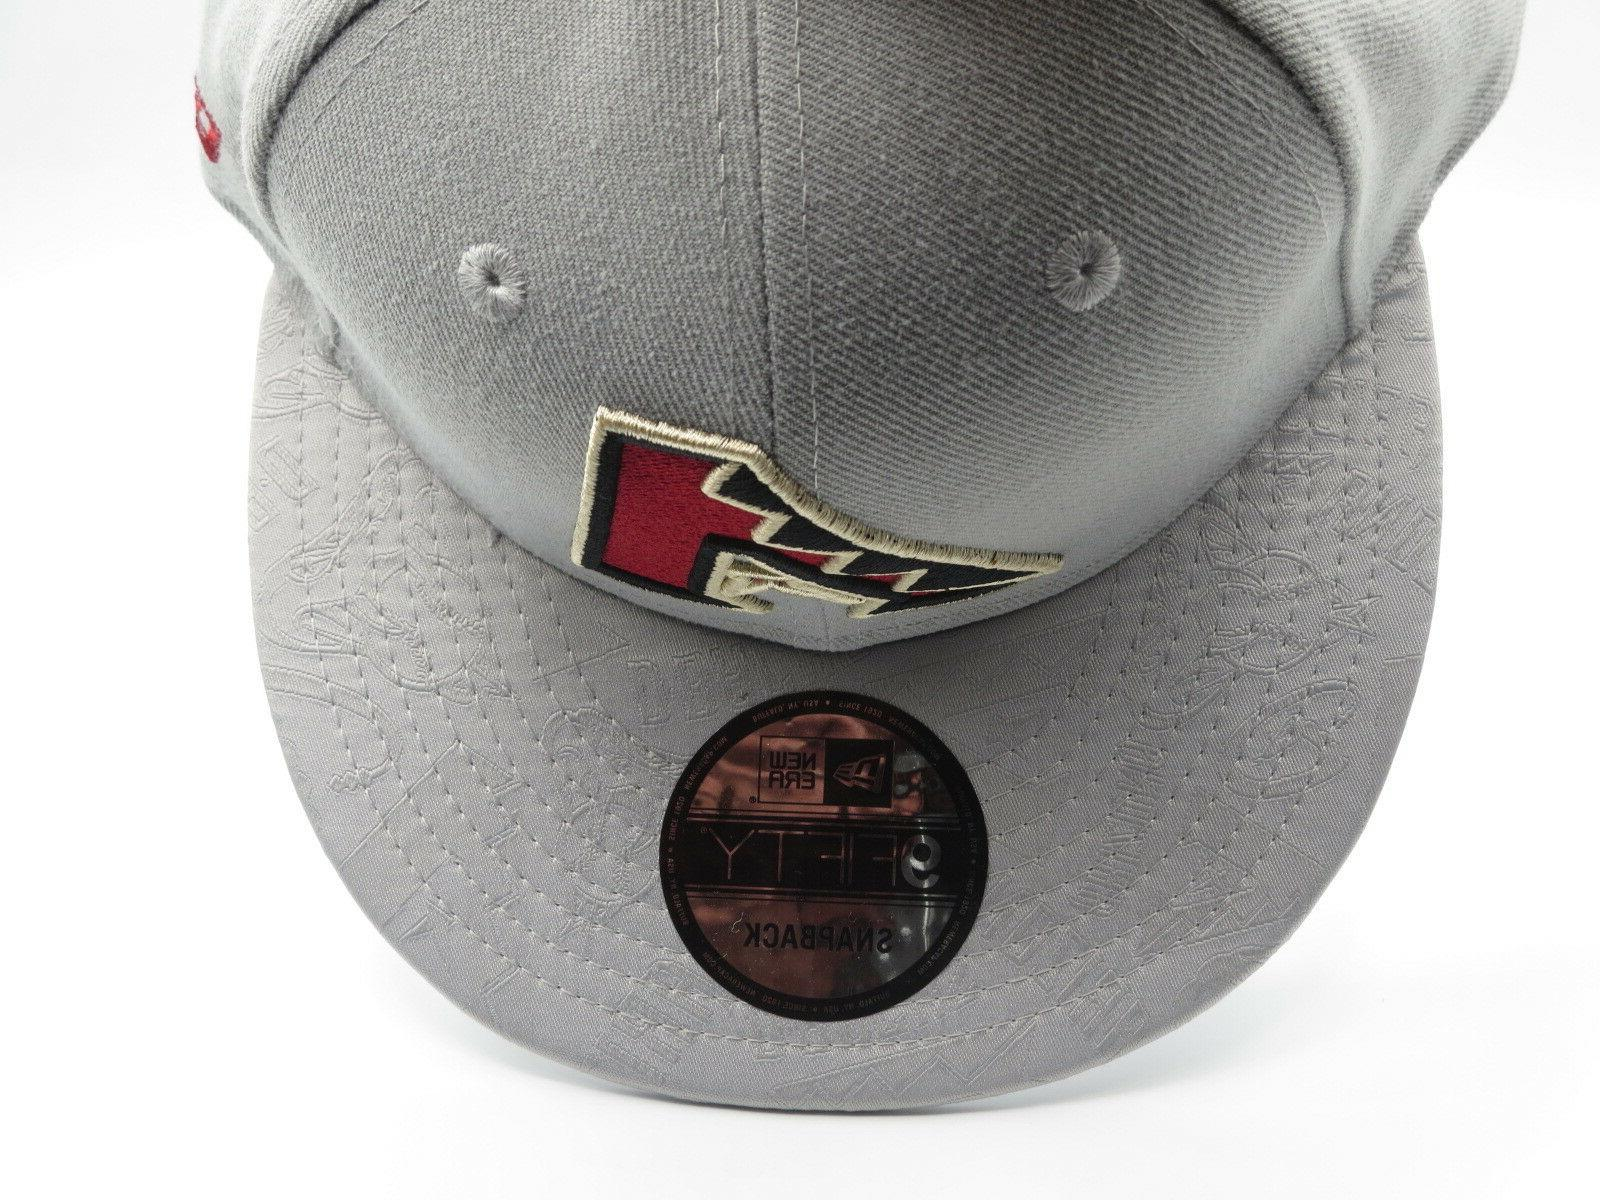 Arizona Diamondbacks 1 Era MLB Vintage Snapback Hat